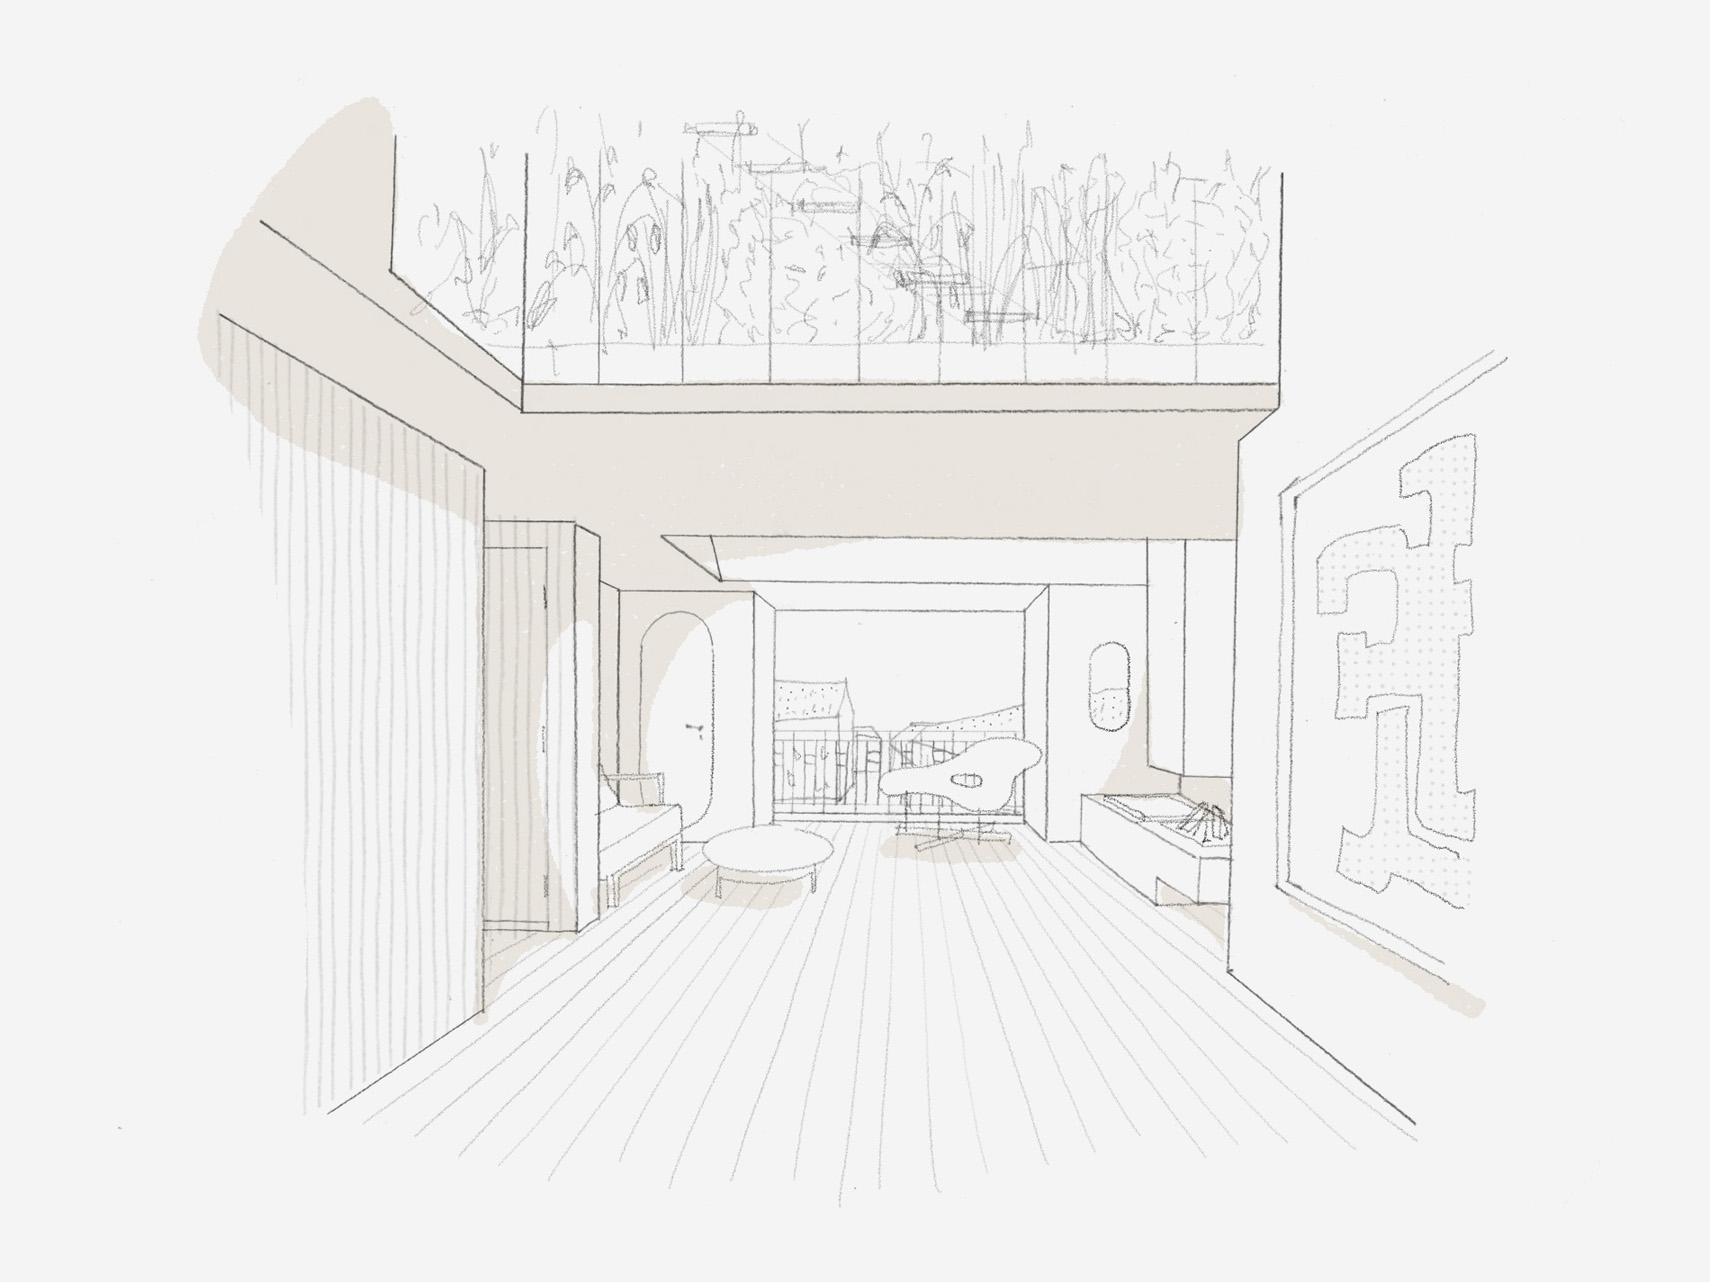 Umbau Wohnhaus Zürich: Entwurfsskizze Dachwohnung